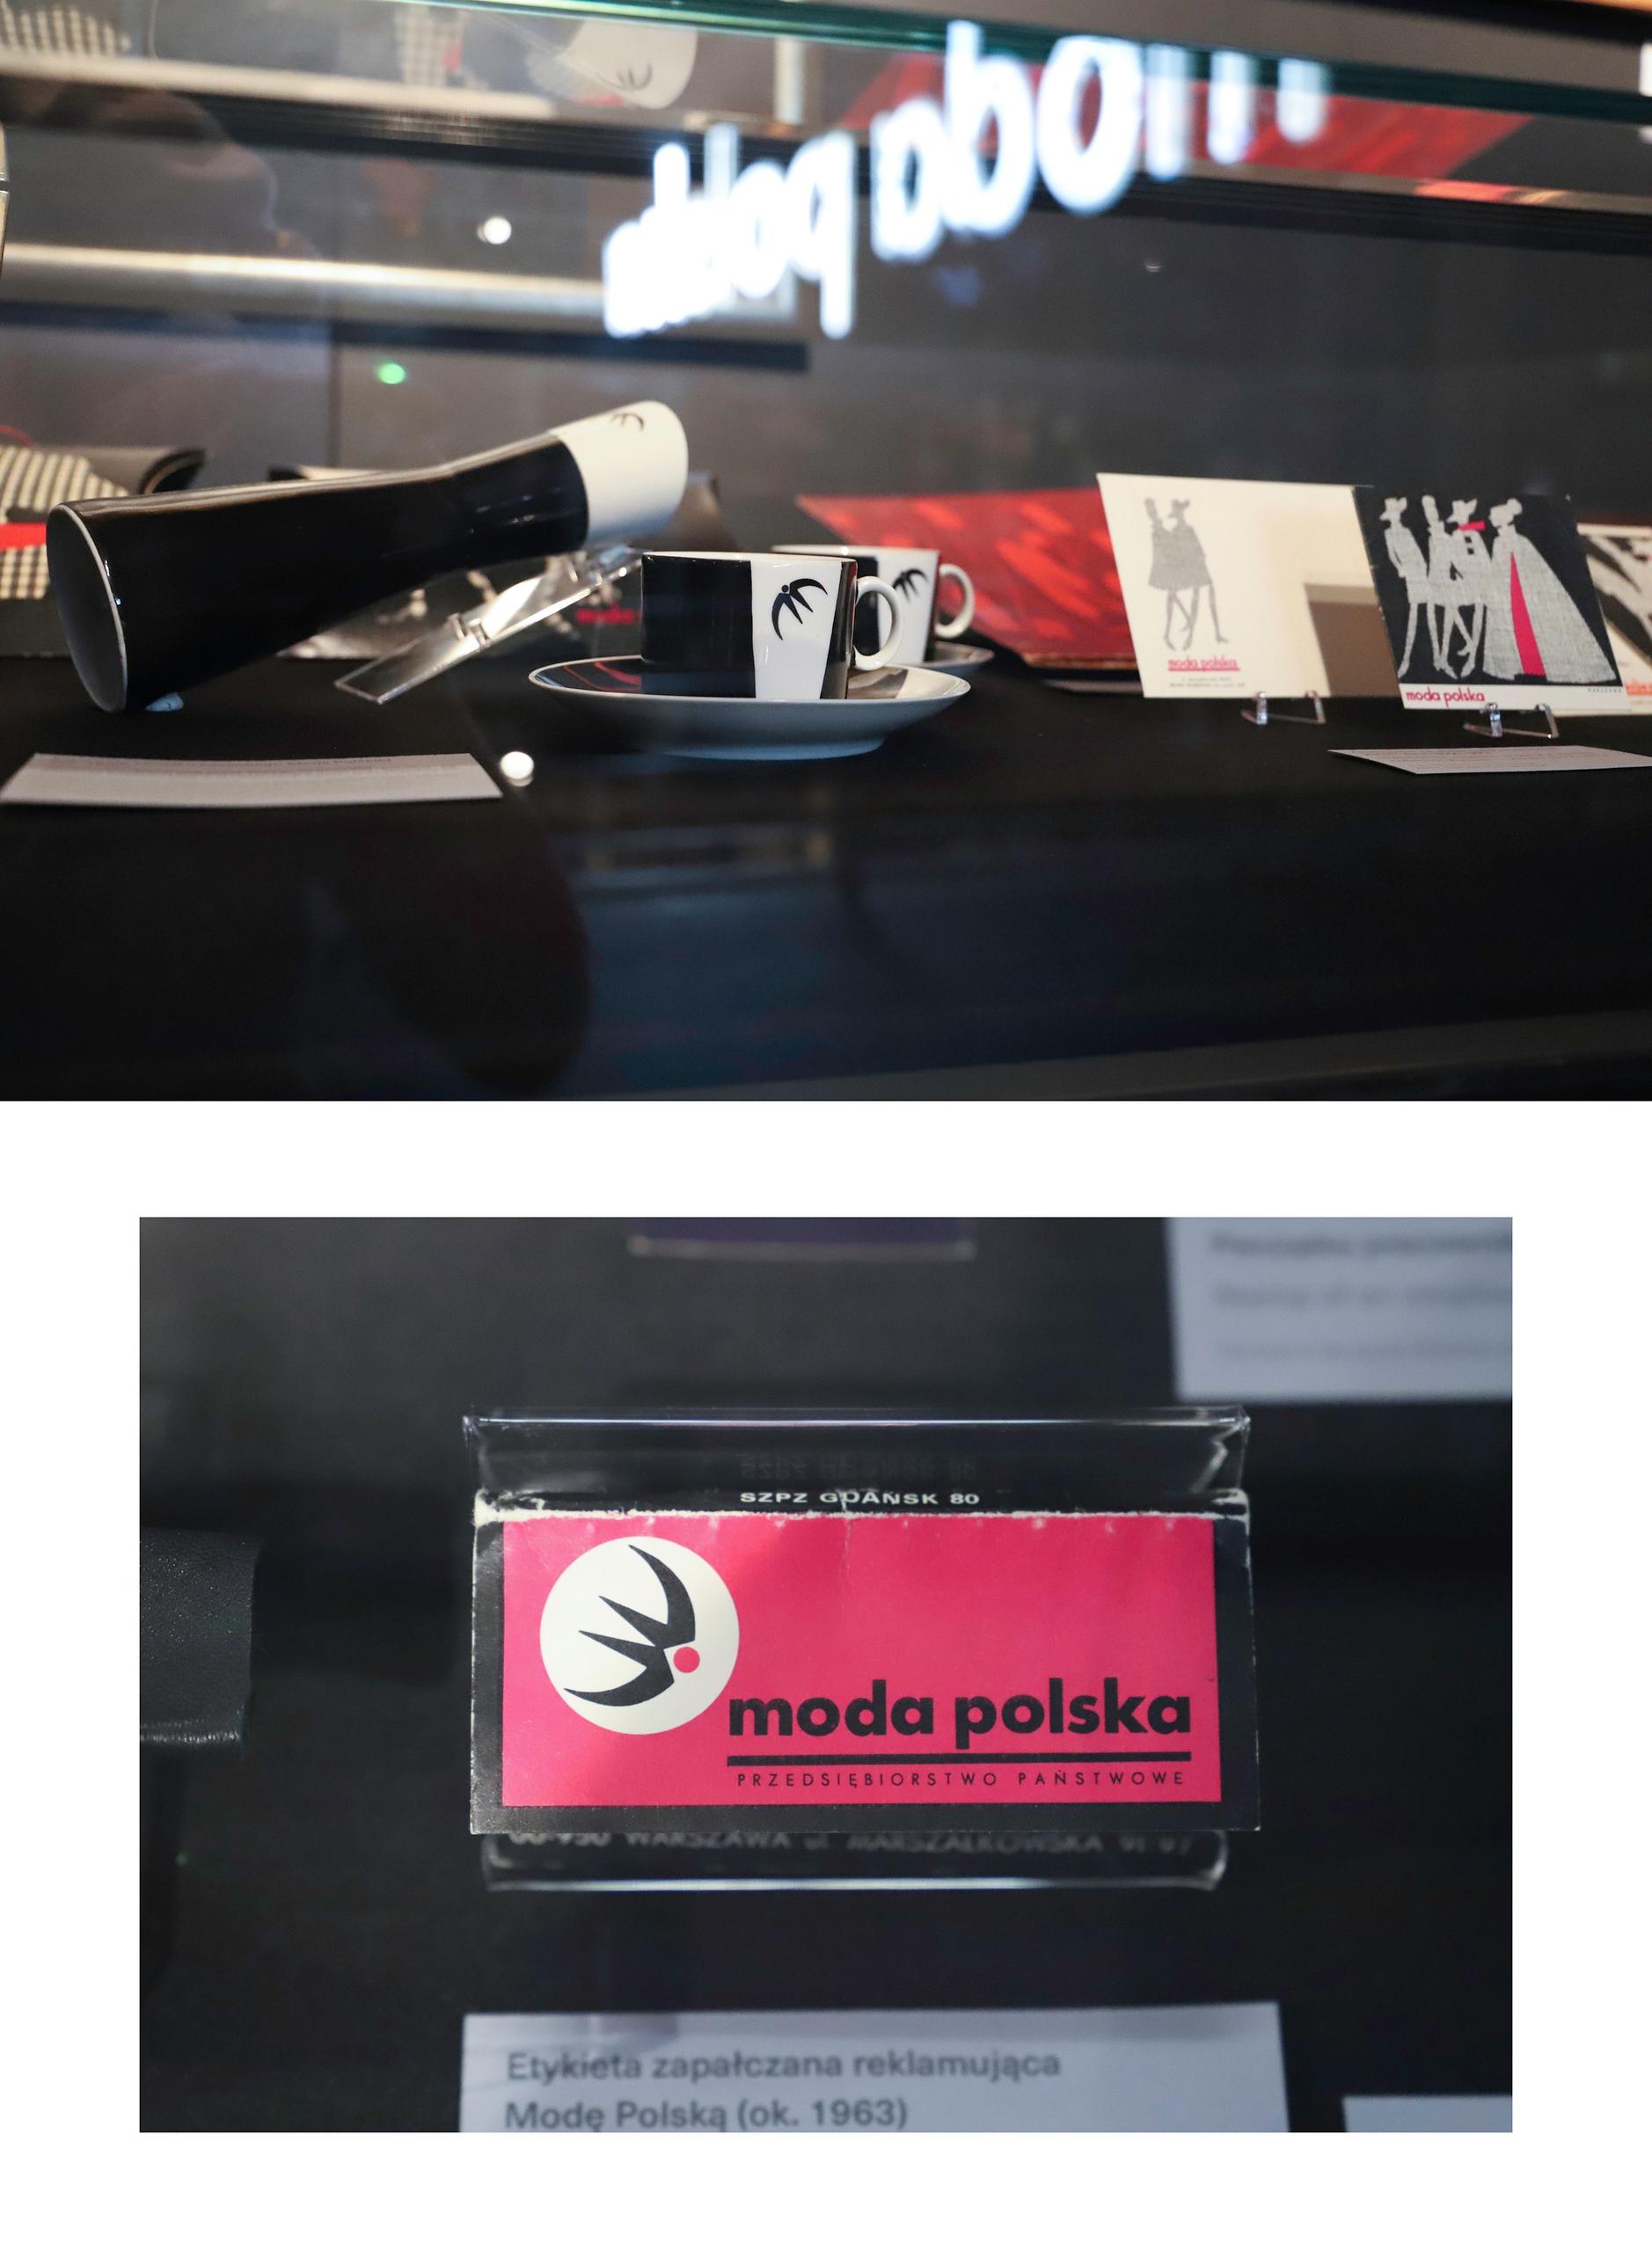 Obraz przedstawia dwa zdjęcia. Na górze przedmioty zamknięte w szklanej gablocie, na dole zbliżenie na czerwoną wizytówkę.